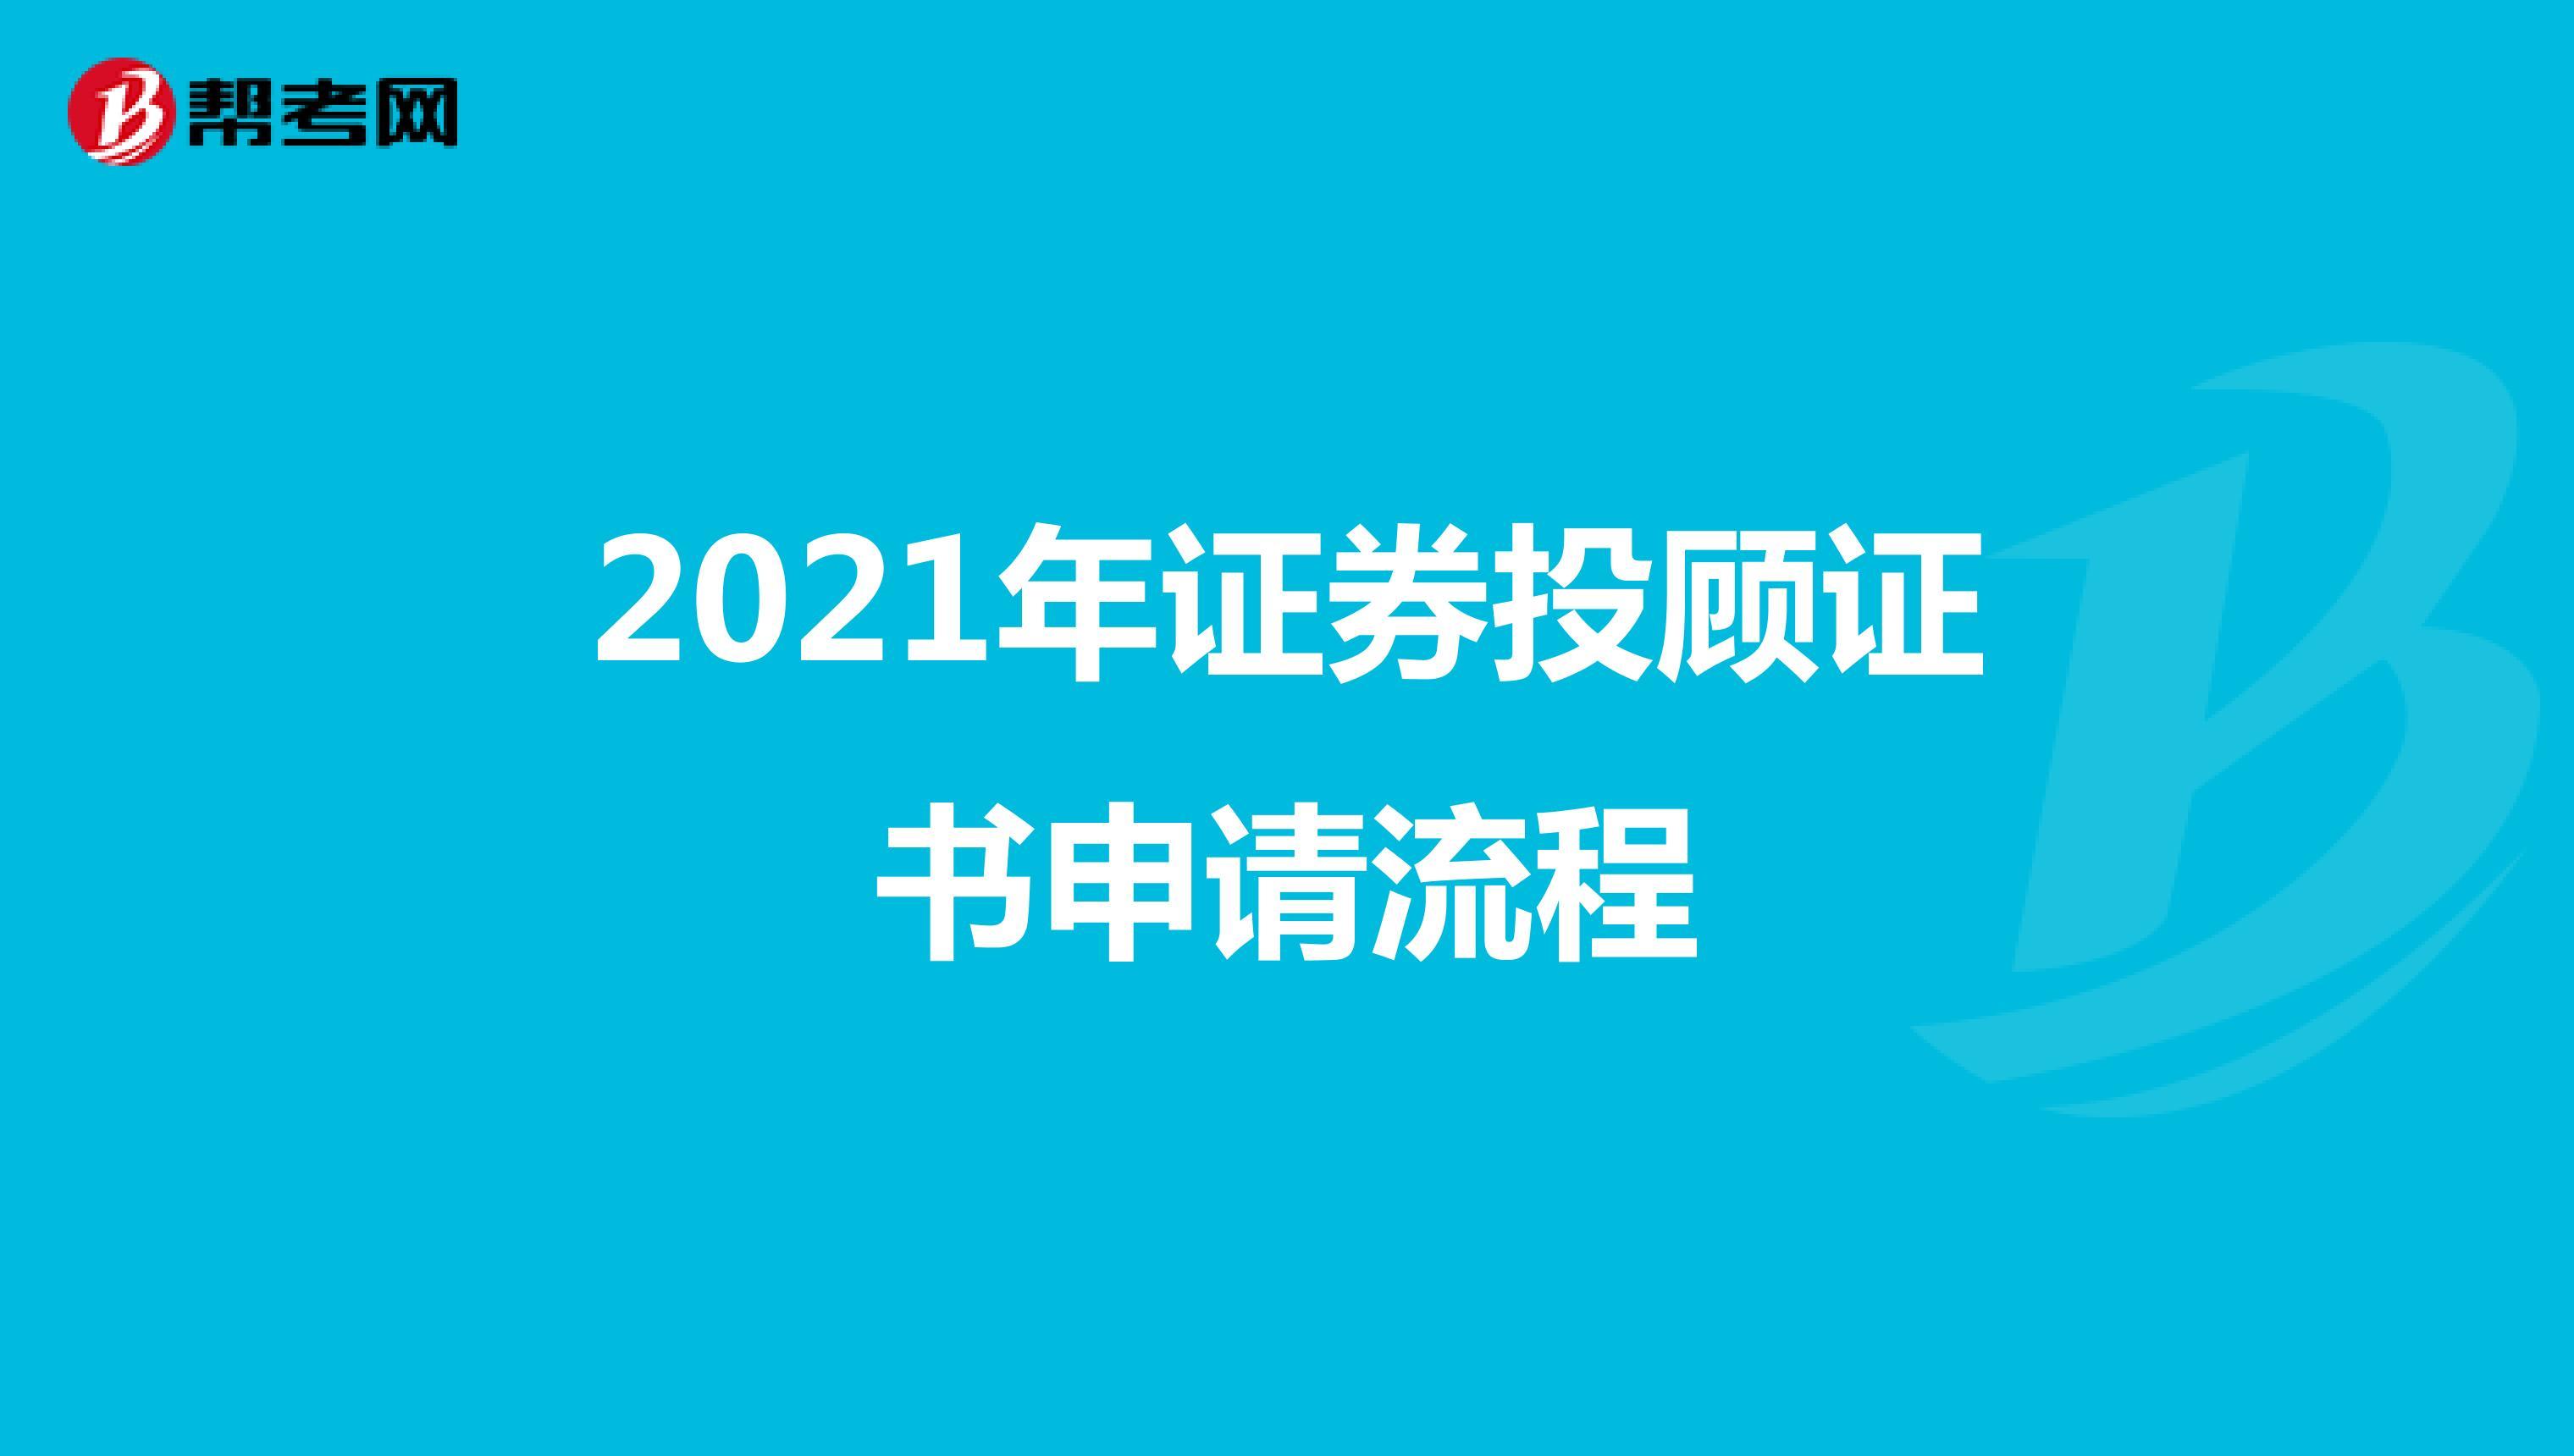 2021年證券投顧證書申請流程